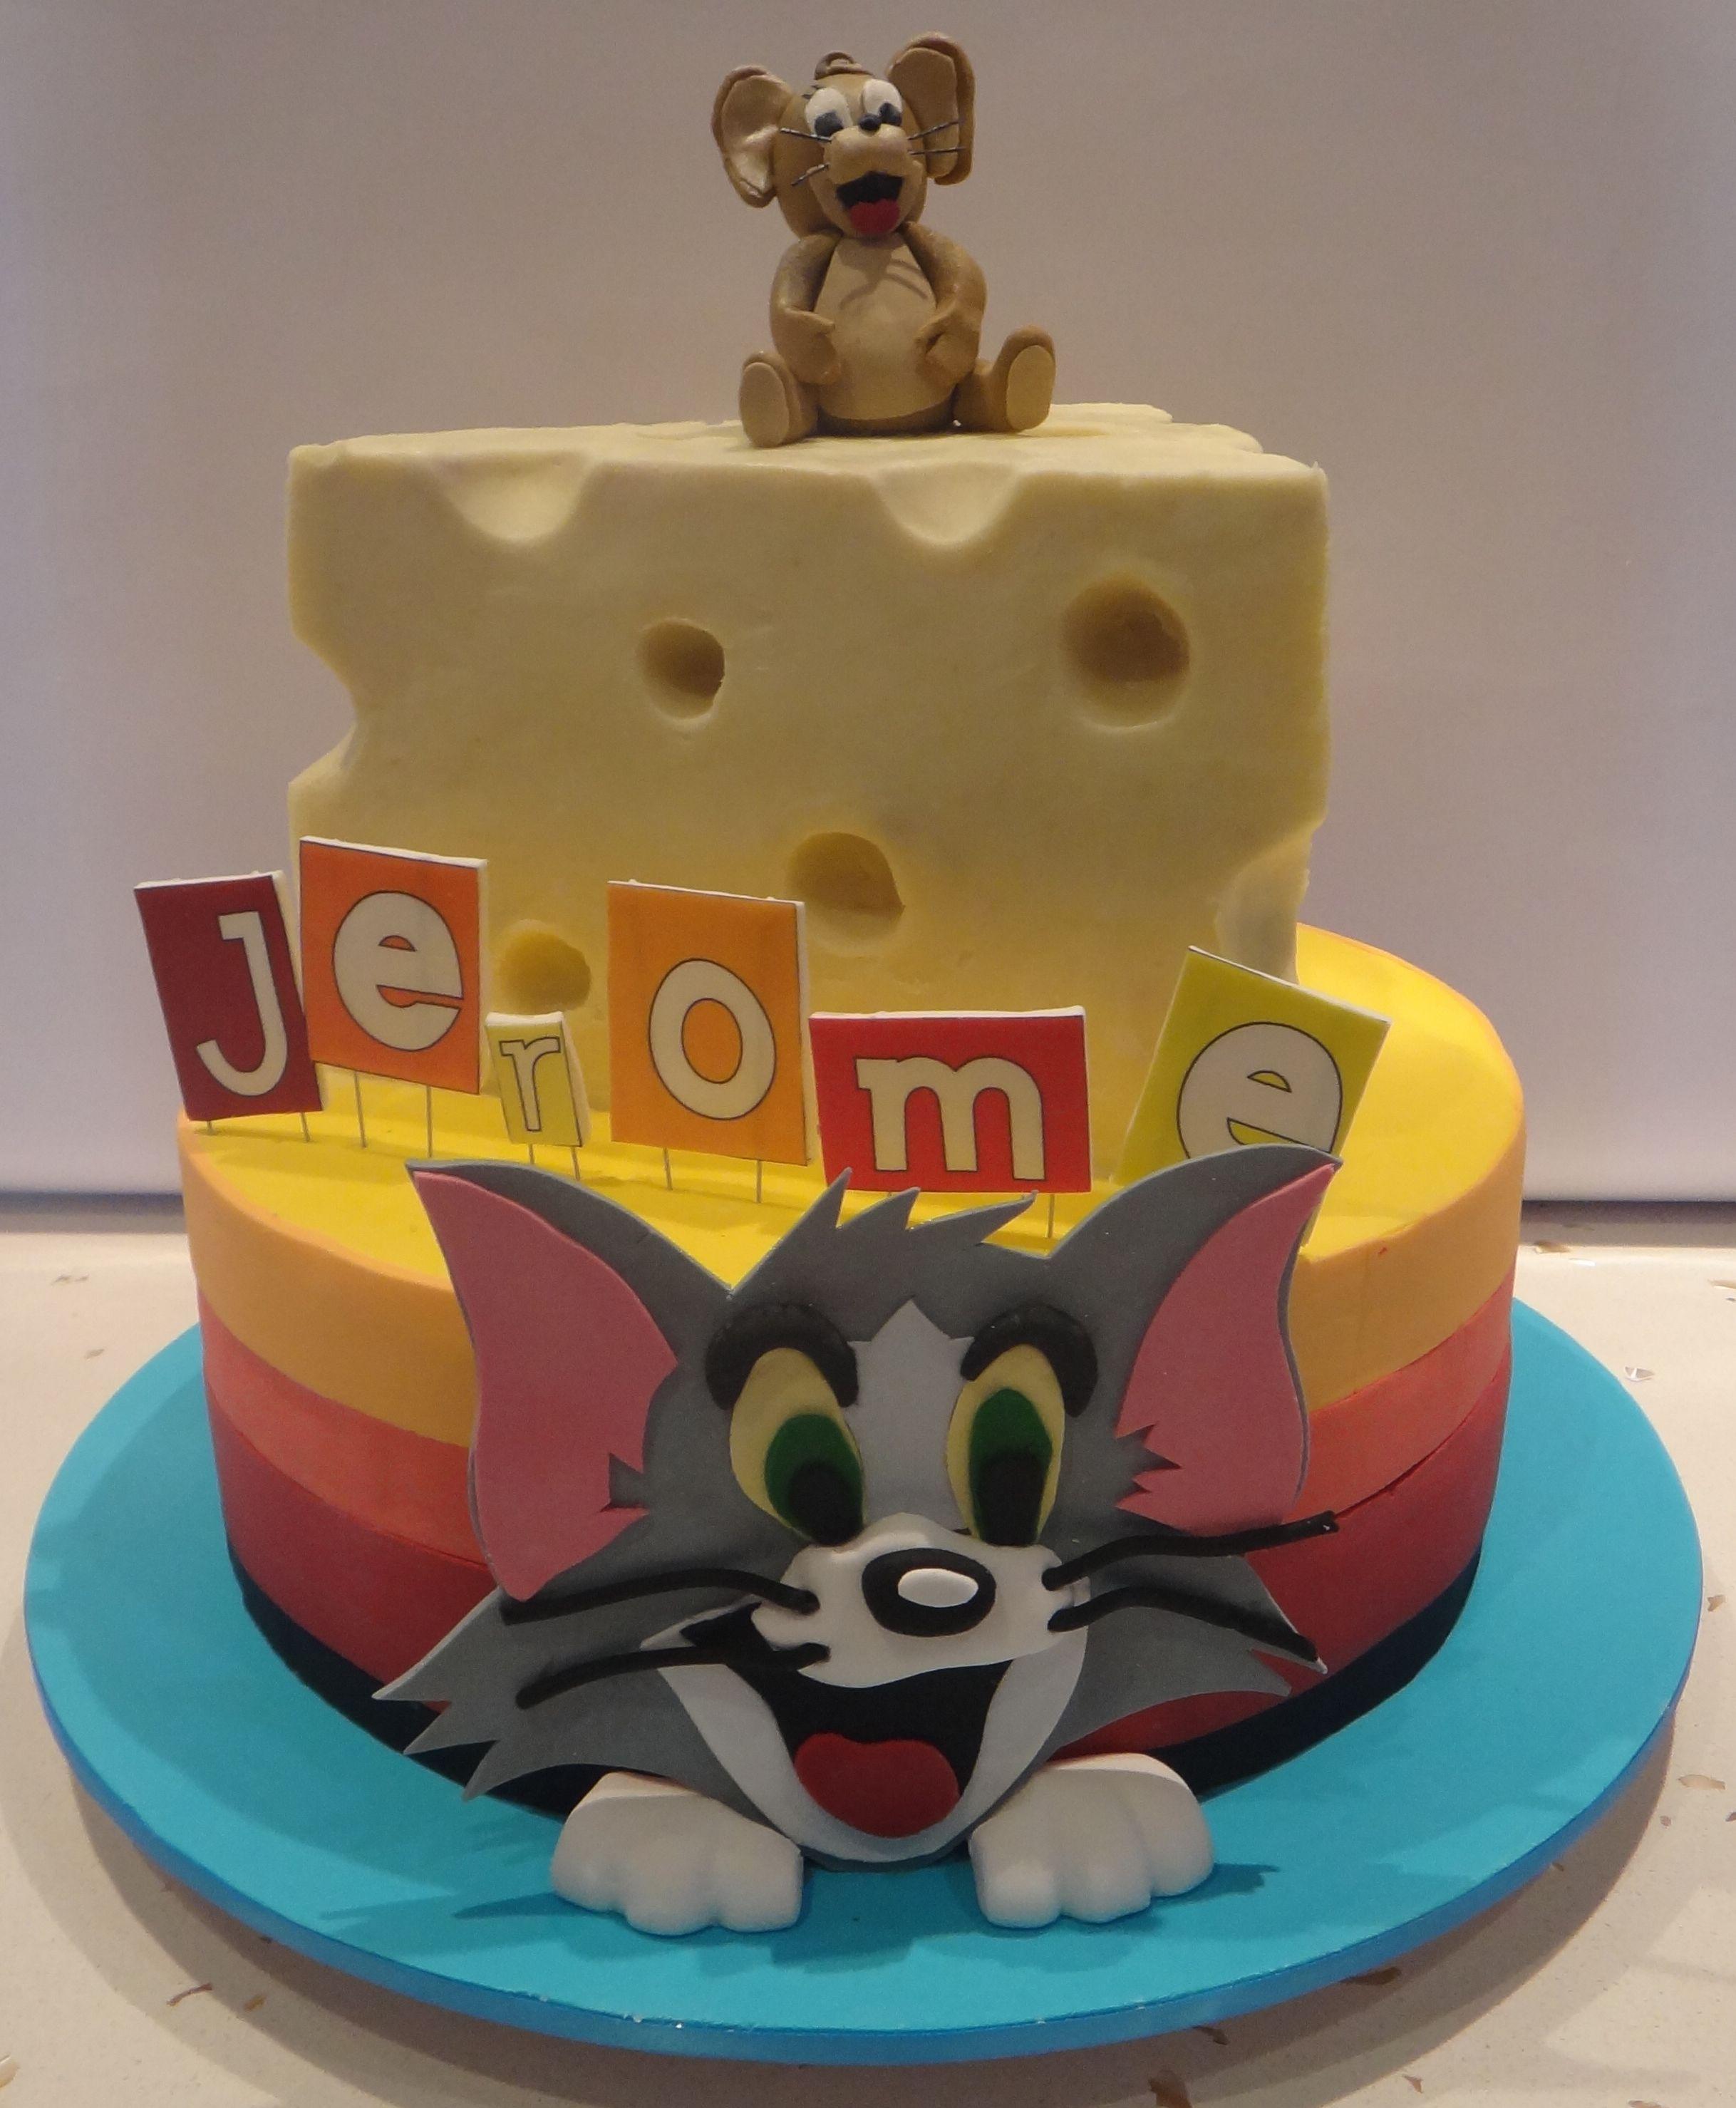 Sensational Tom And Jerry Birthday Cake Cartoon Cake Tom And Jerry Cake Funny Birthday Cards Online Alyptdamsfinfo